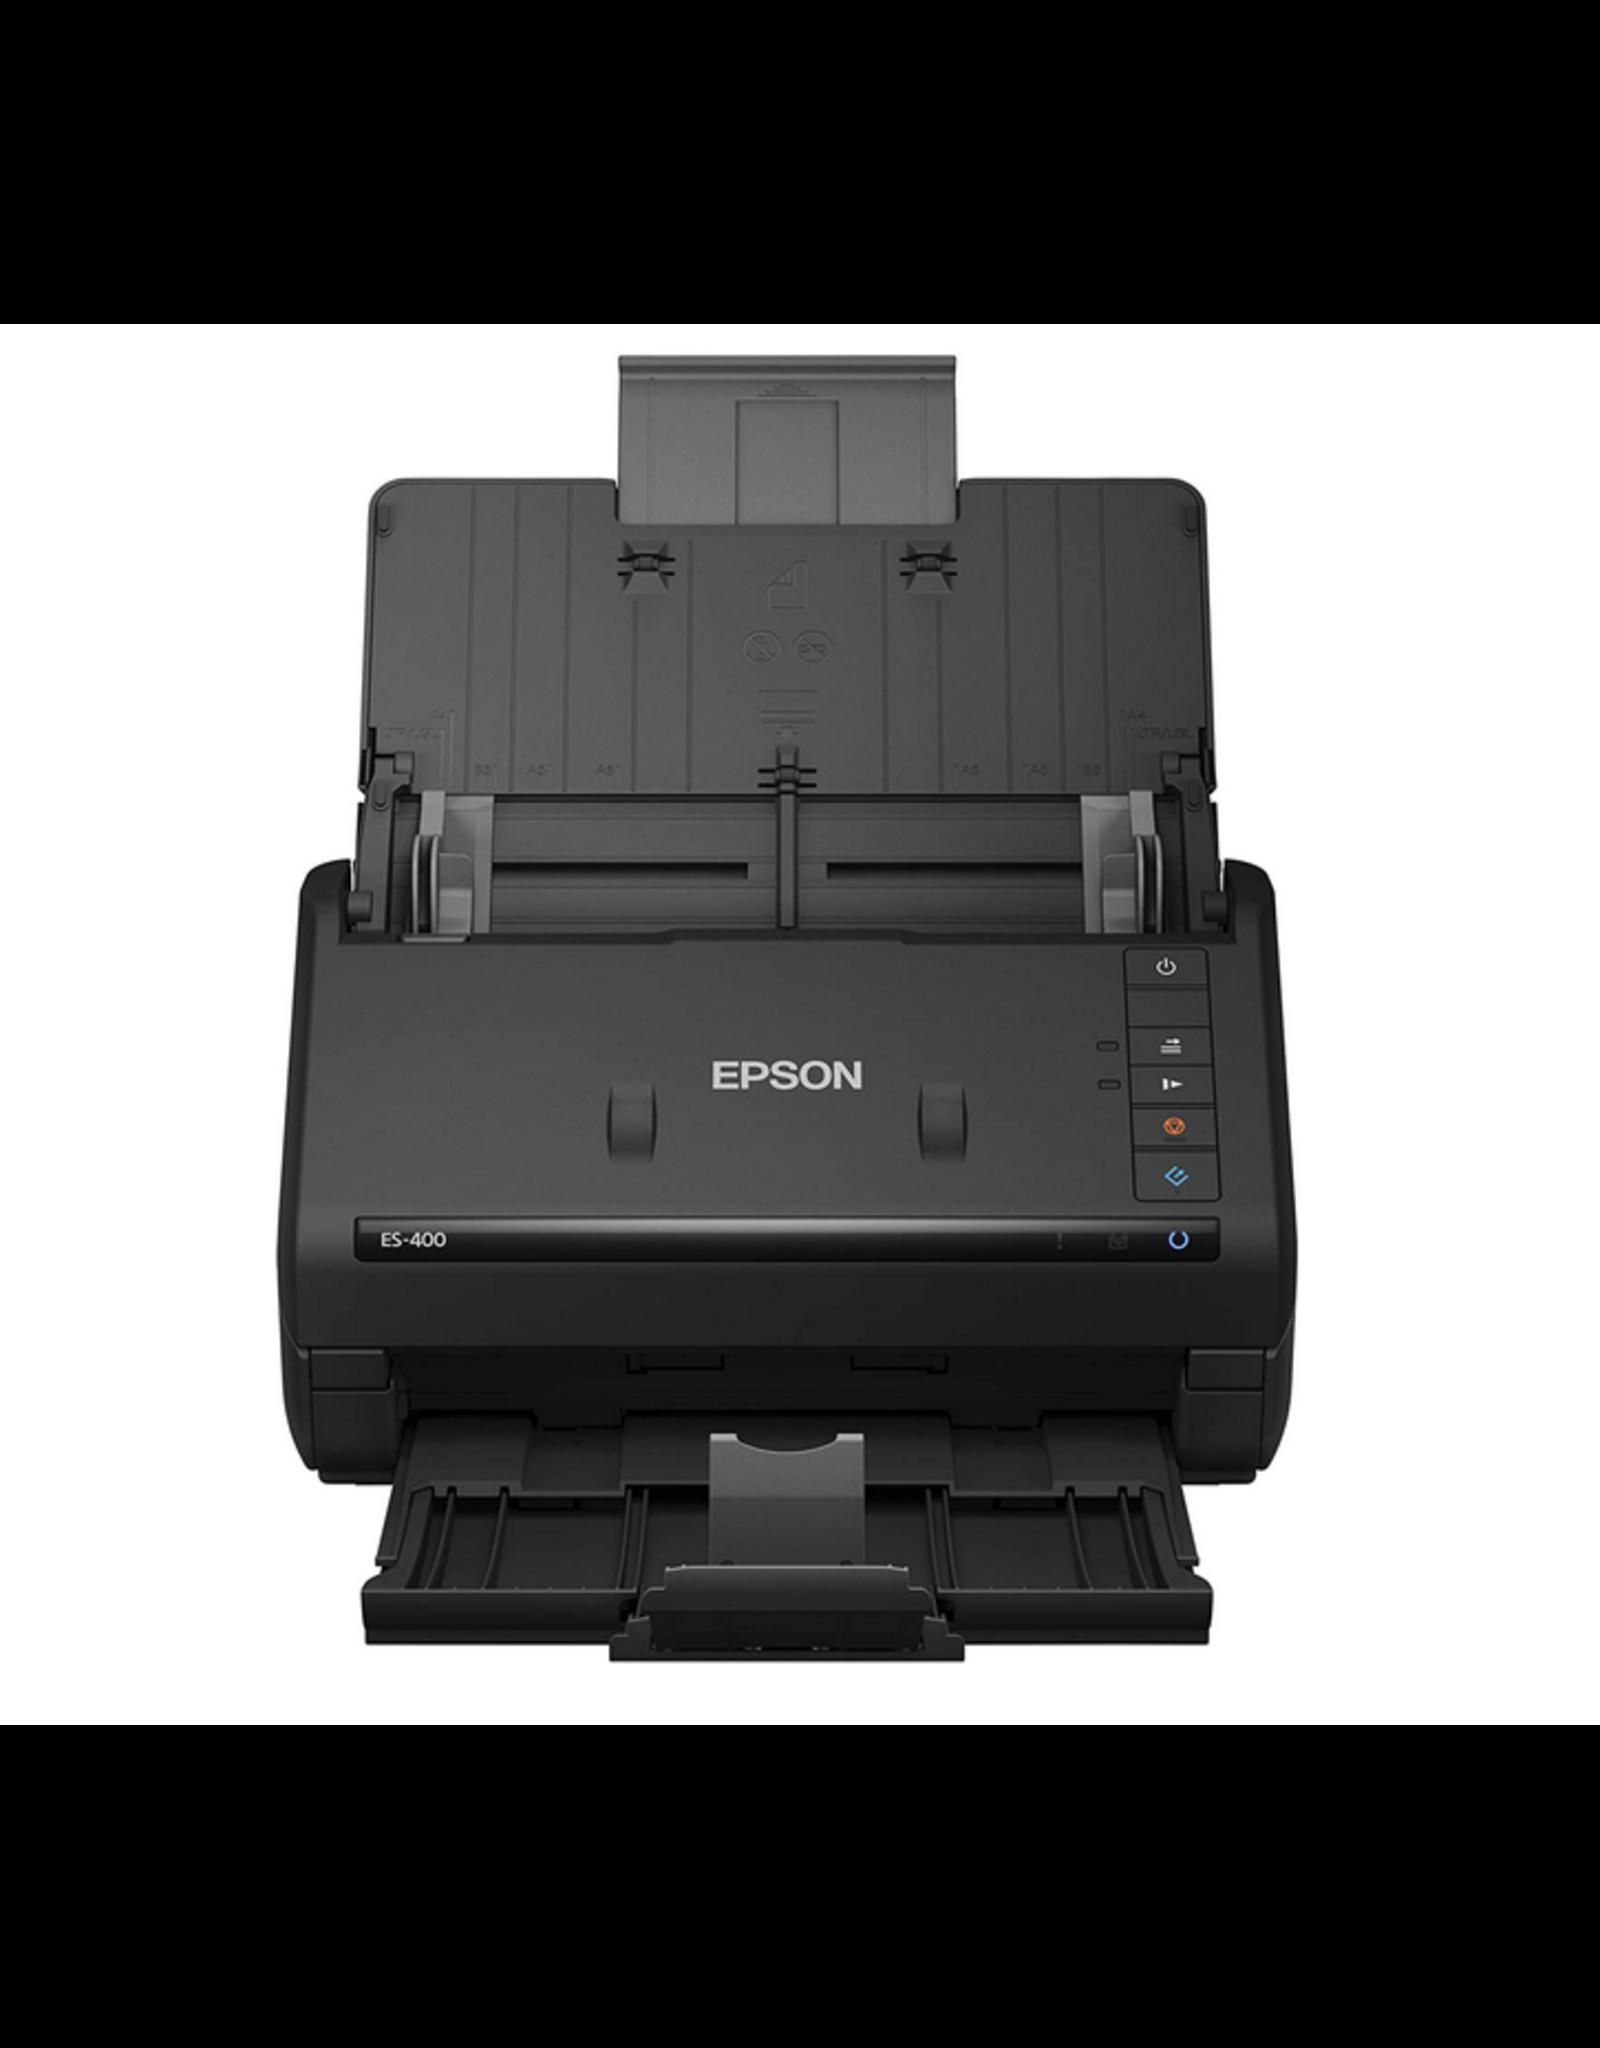 Epson Epson WorkForce ES-400 Colour Duplex Document Scanner